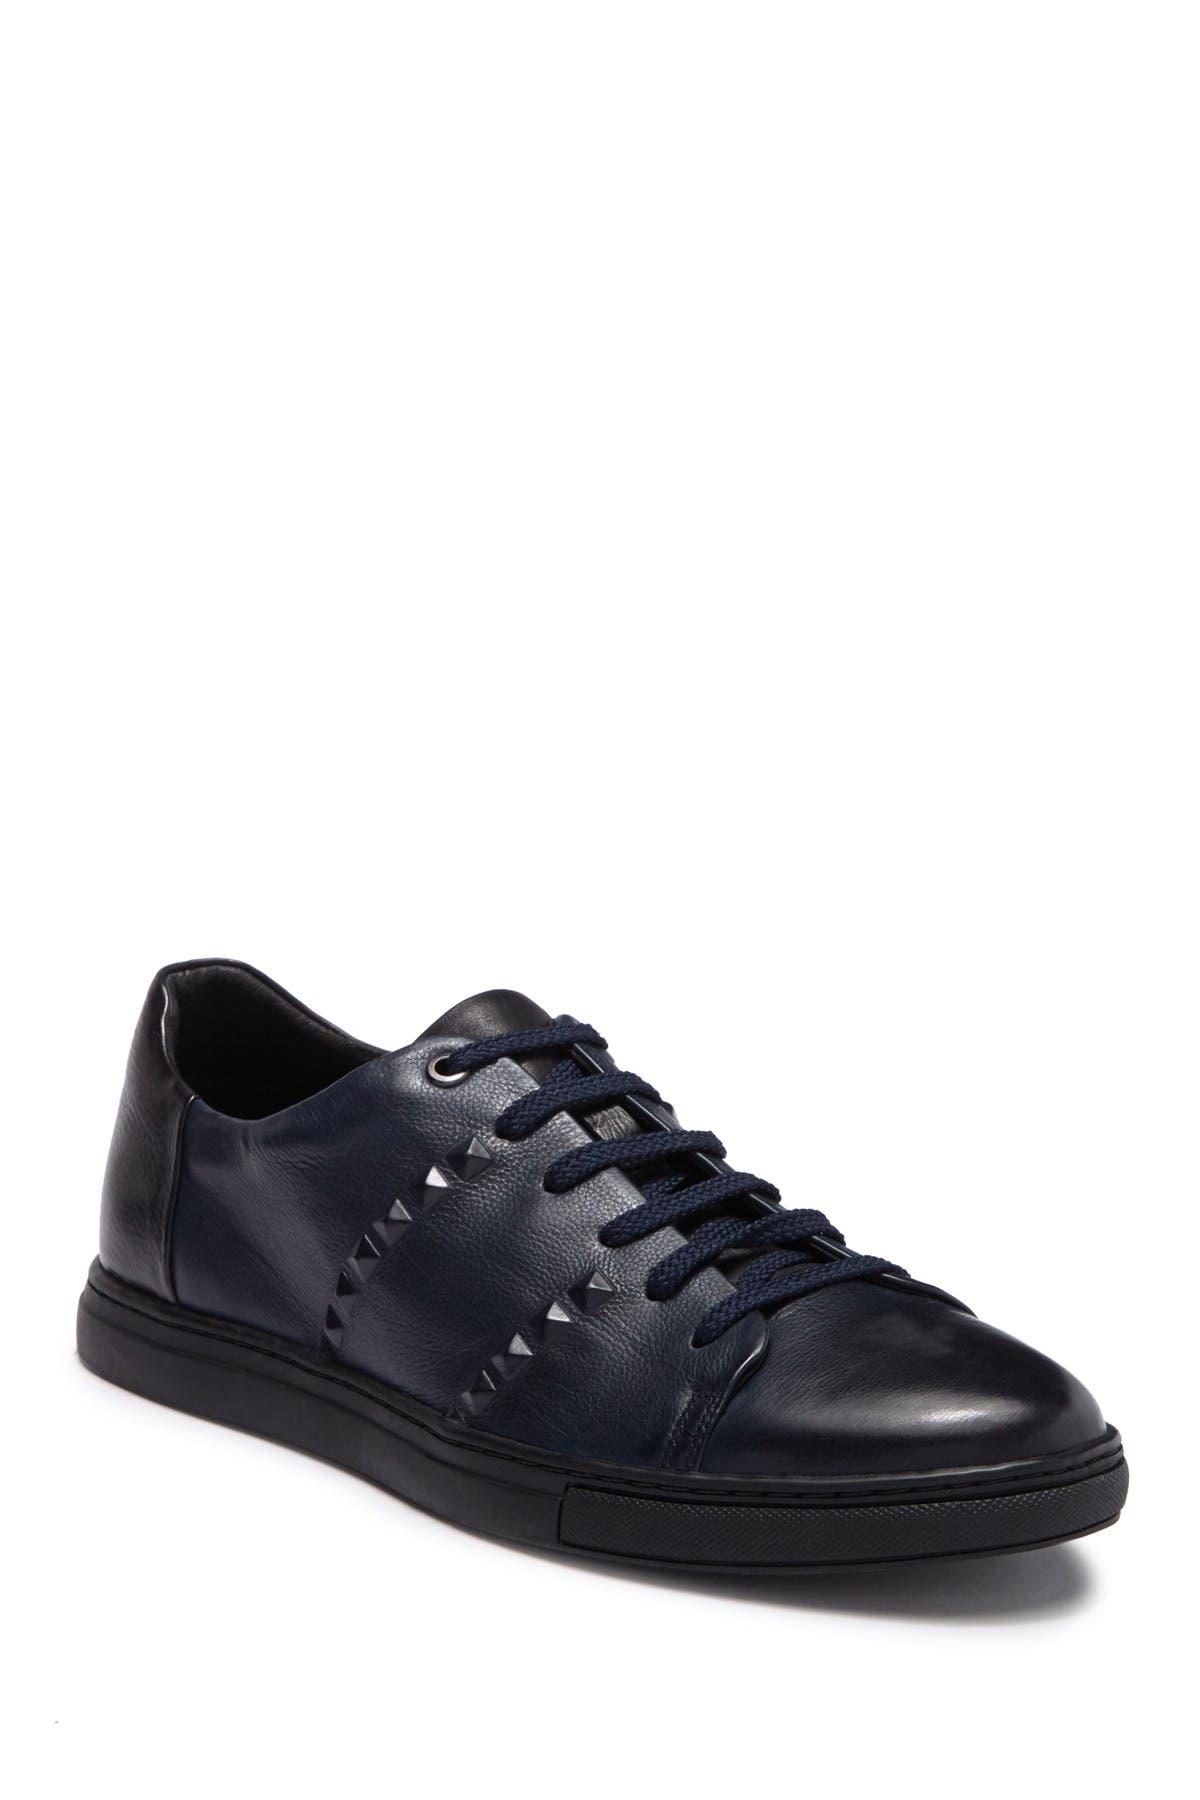 Image of Zanzara Strozzi Studded Sneaker